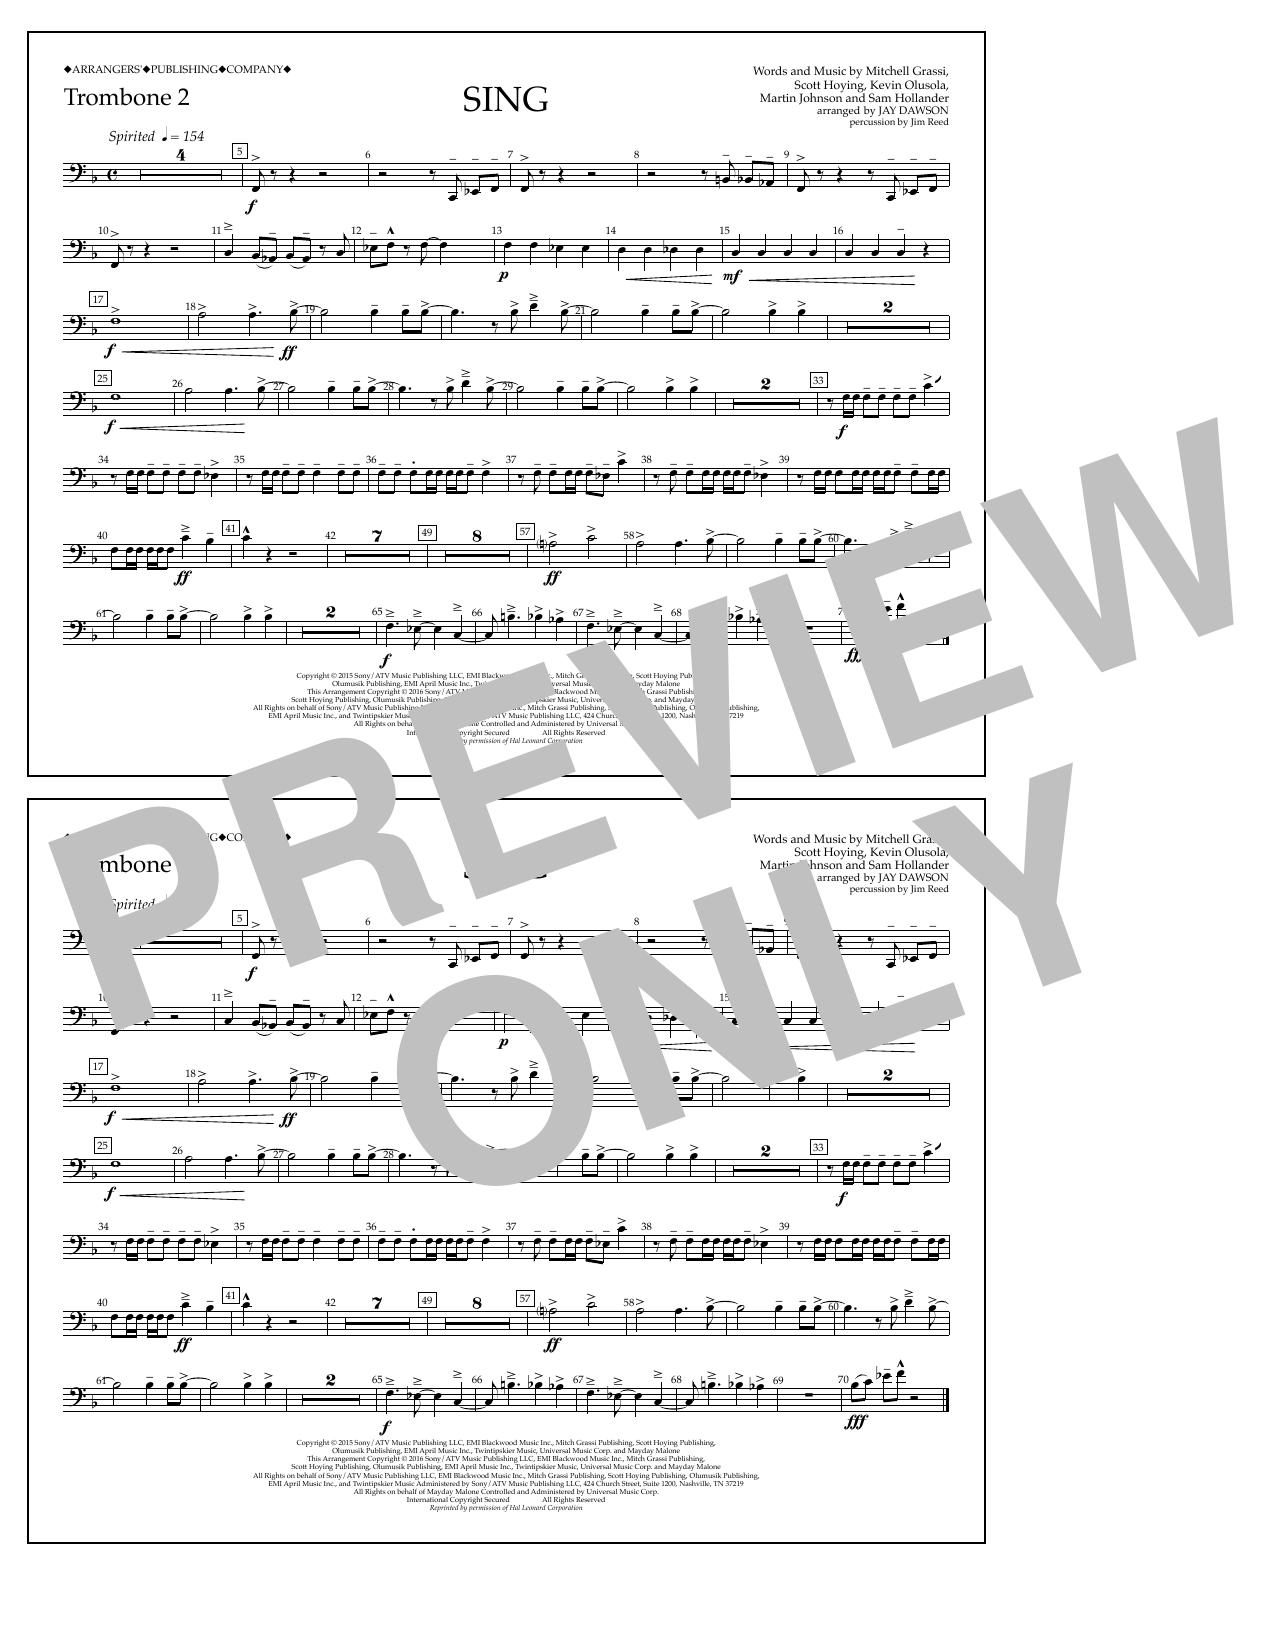 Pentatonix - Sing - Trombone 2